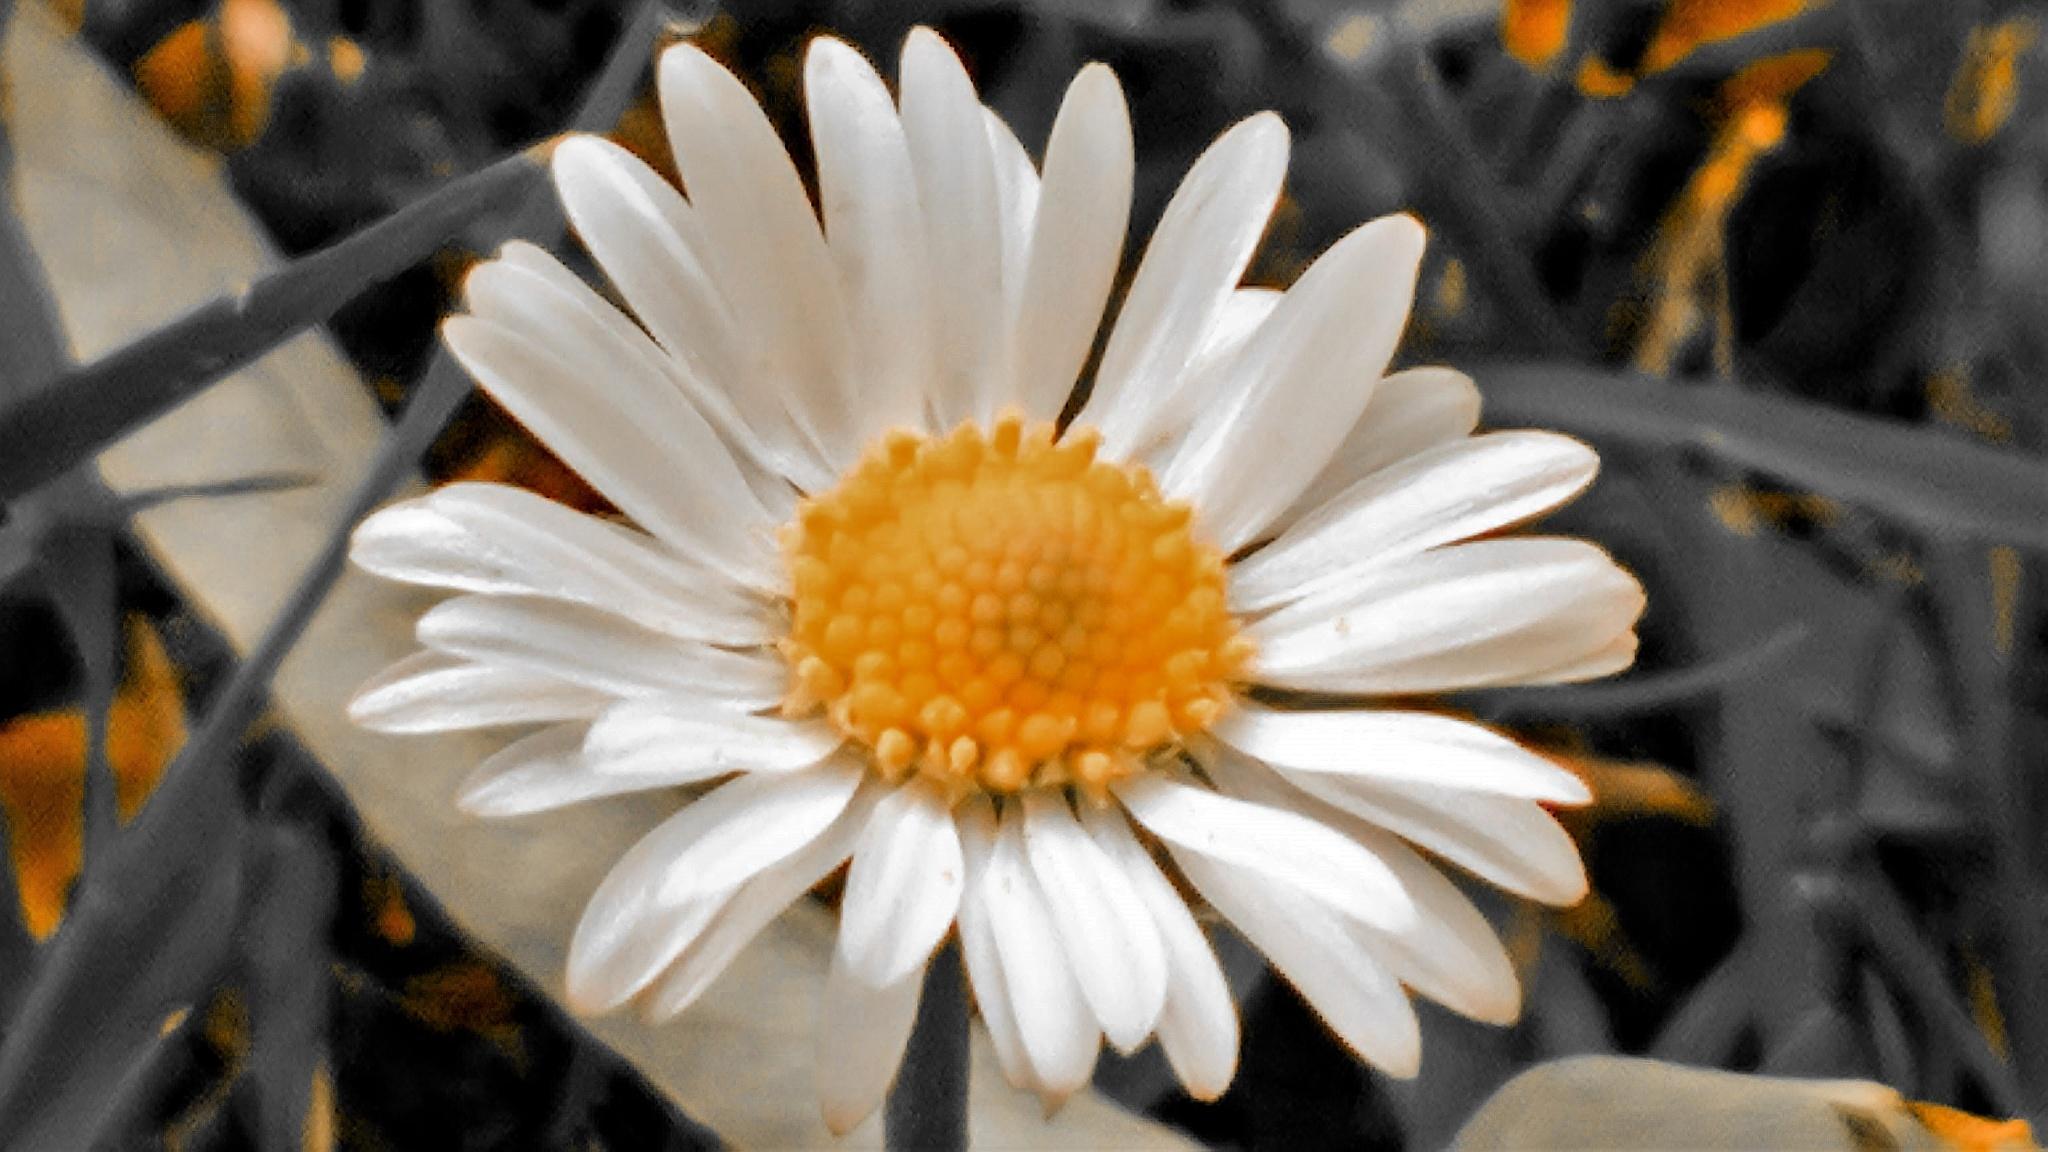 Daisy by gemma smith